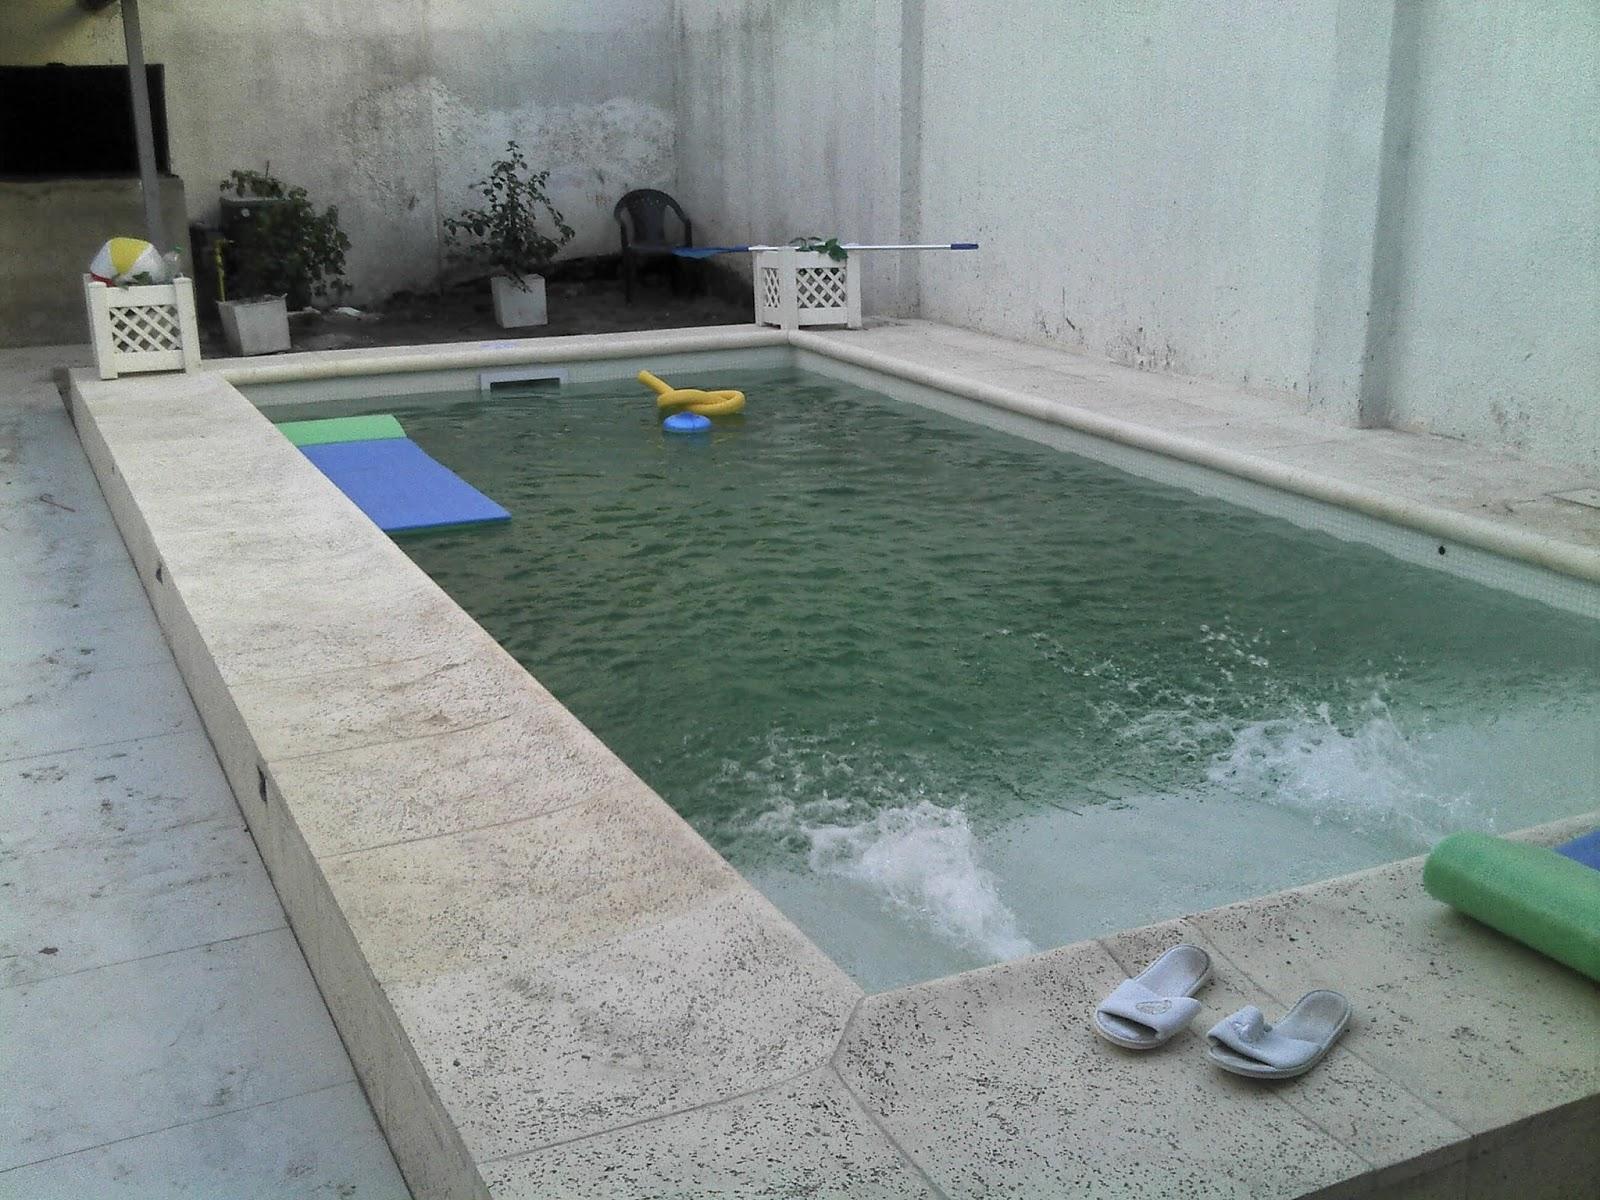 Construcci n de piscinas en terrazas y azoteas piscina for Piscinas j martin caro